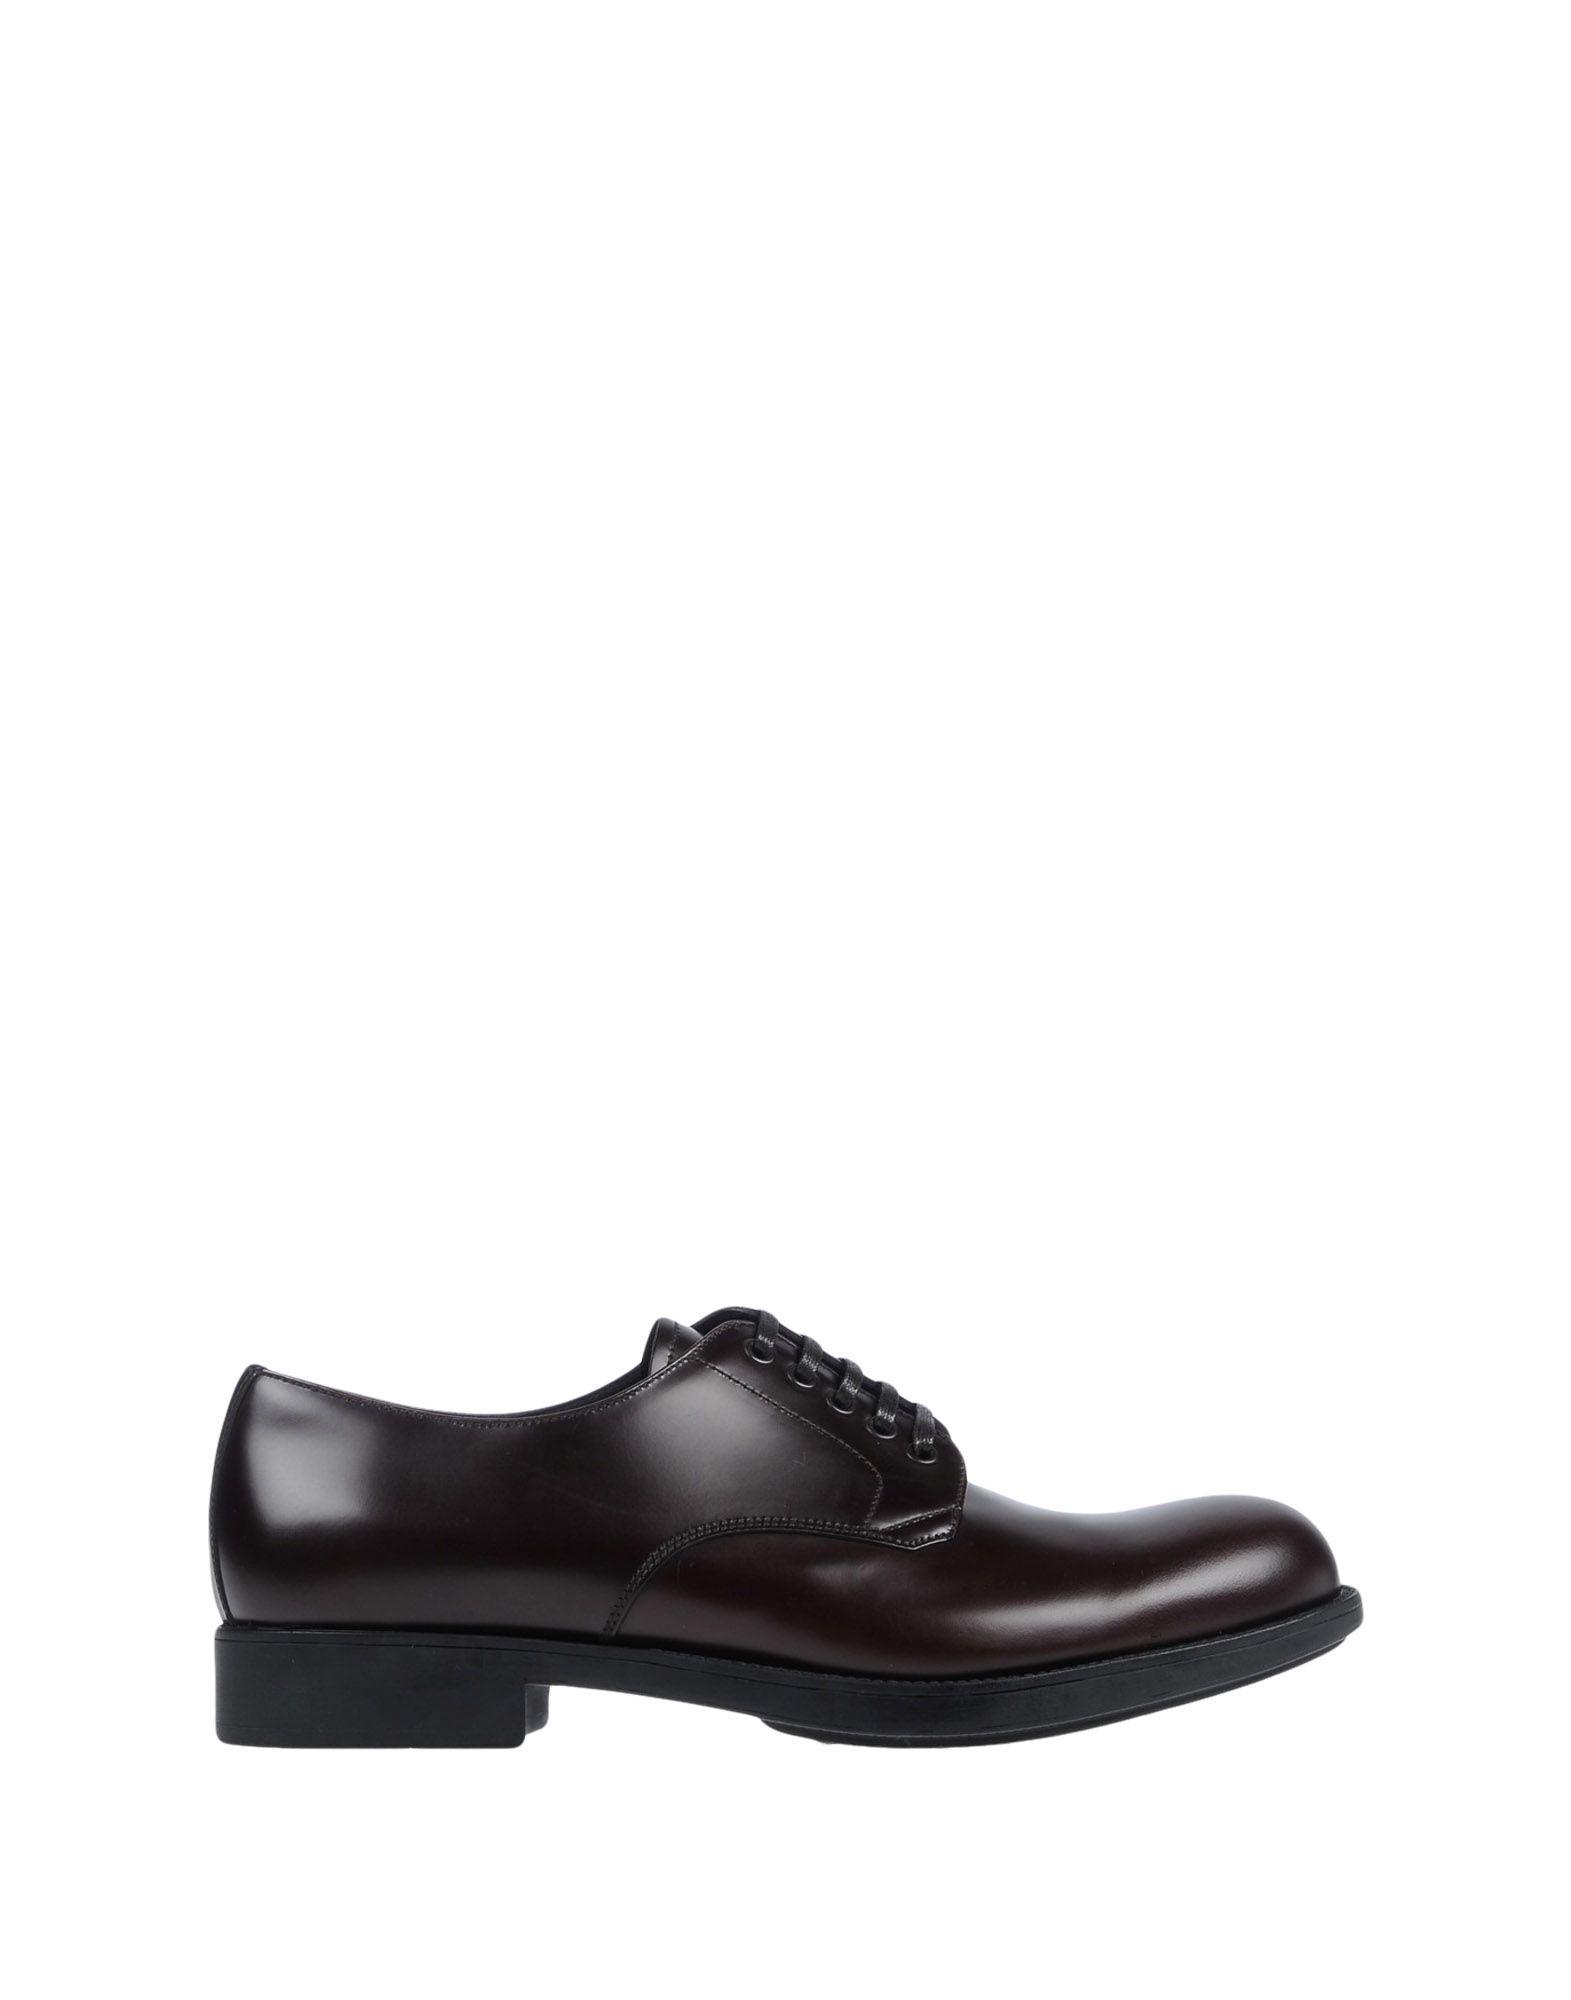 Prada Heiße Schnürschuhe Herren  11480142LW Heiße Prada Schuhe 22534a